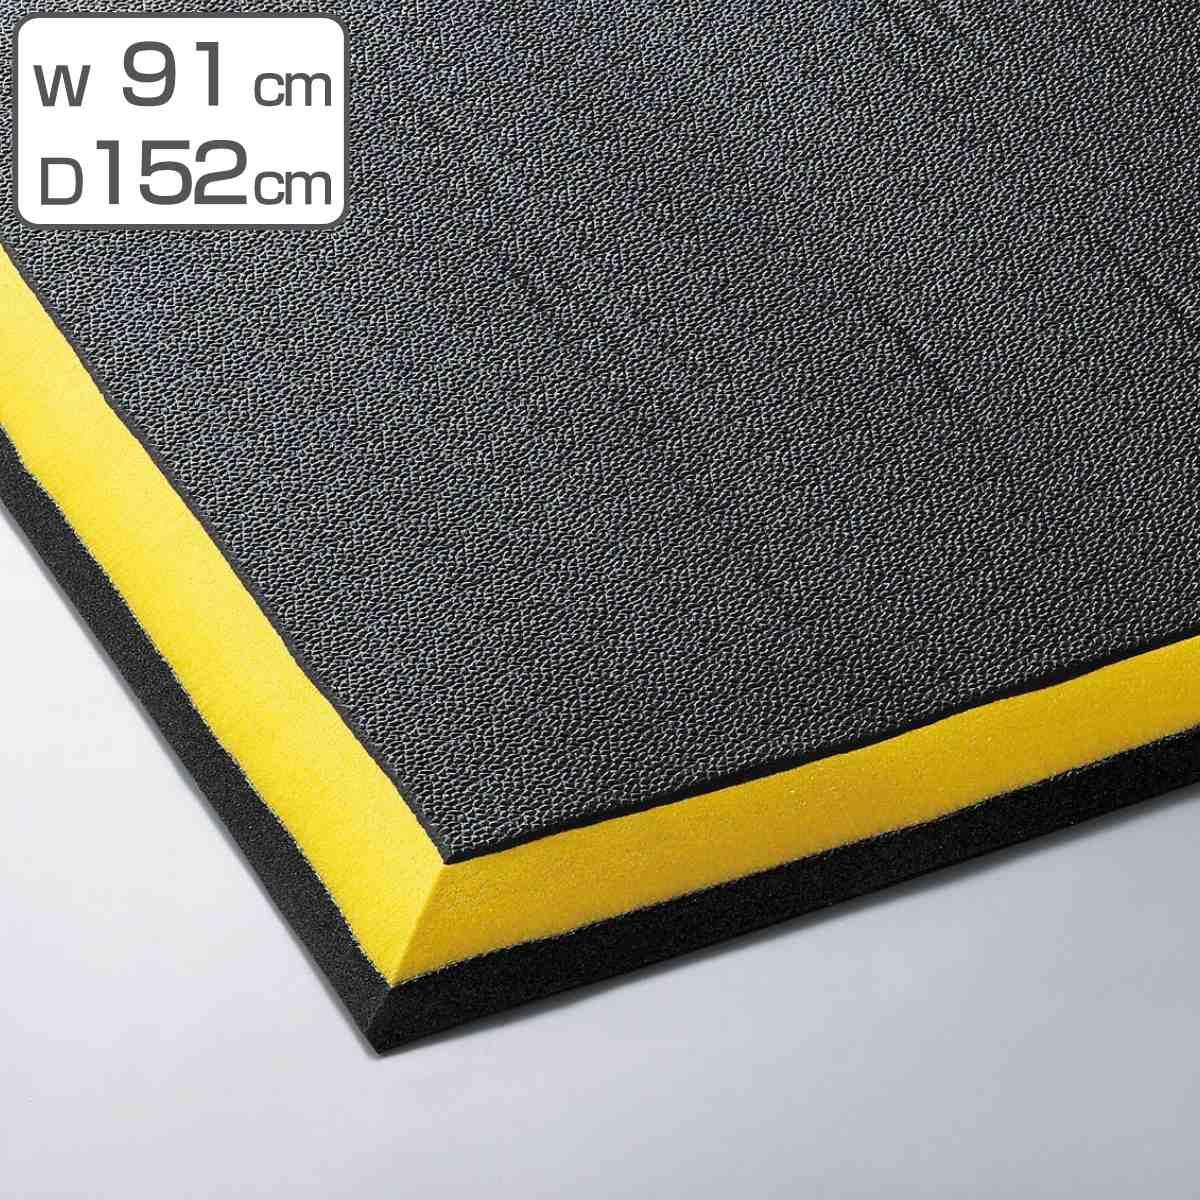 クッションマット ケアソフト クッションキングEX 910×1520 (山崎産業 送料無料 ) 【4500円以上送料無料】